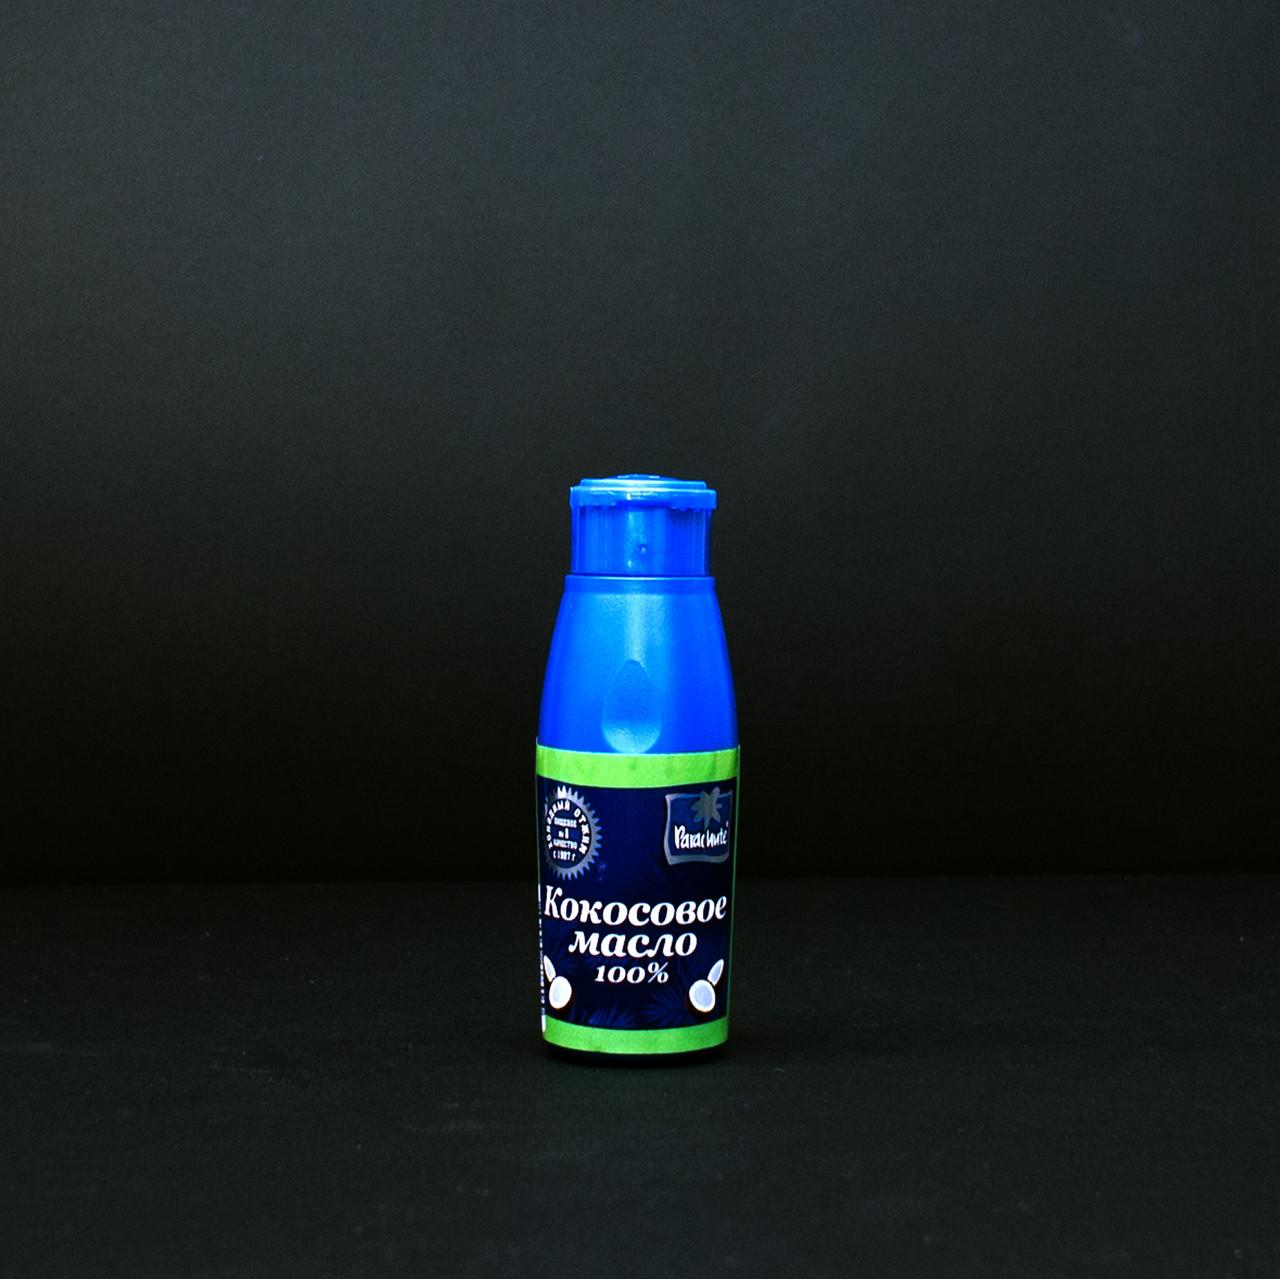 Кокосовое масло Парашют Parachute 25 мл. 100% натуральное, холодного отжима. Для волос, лица и тела